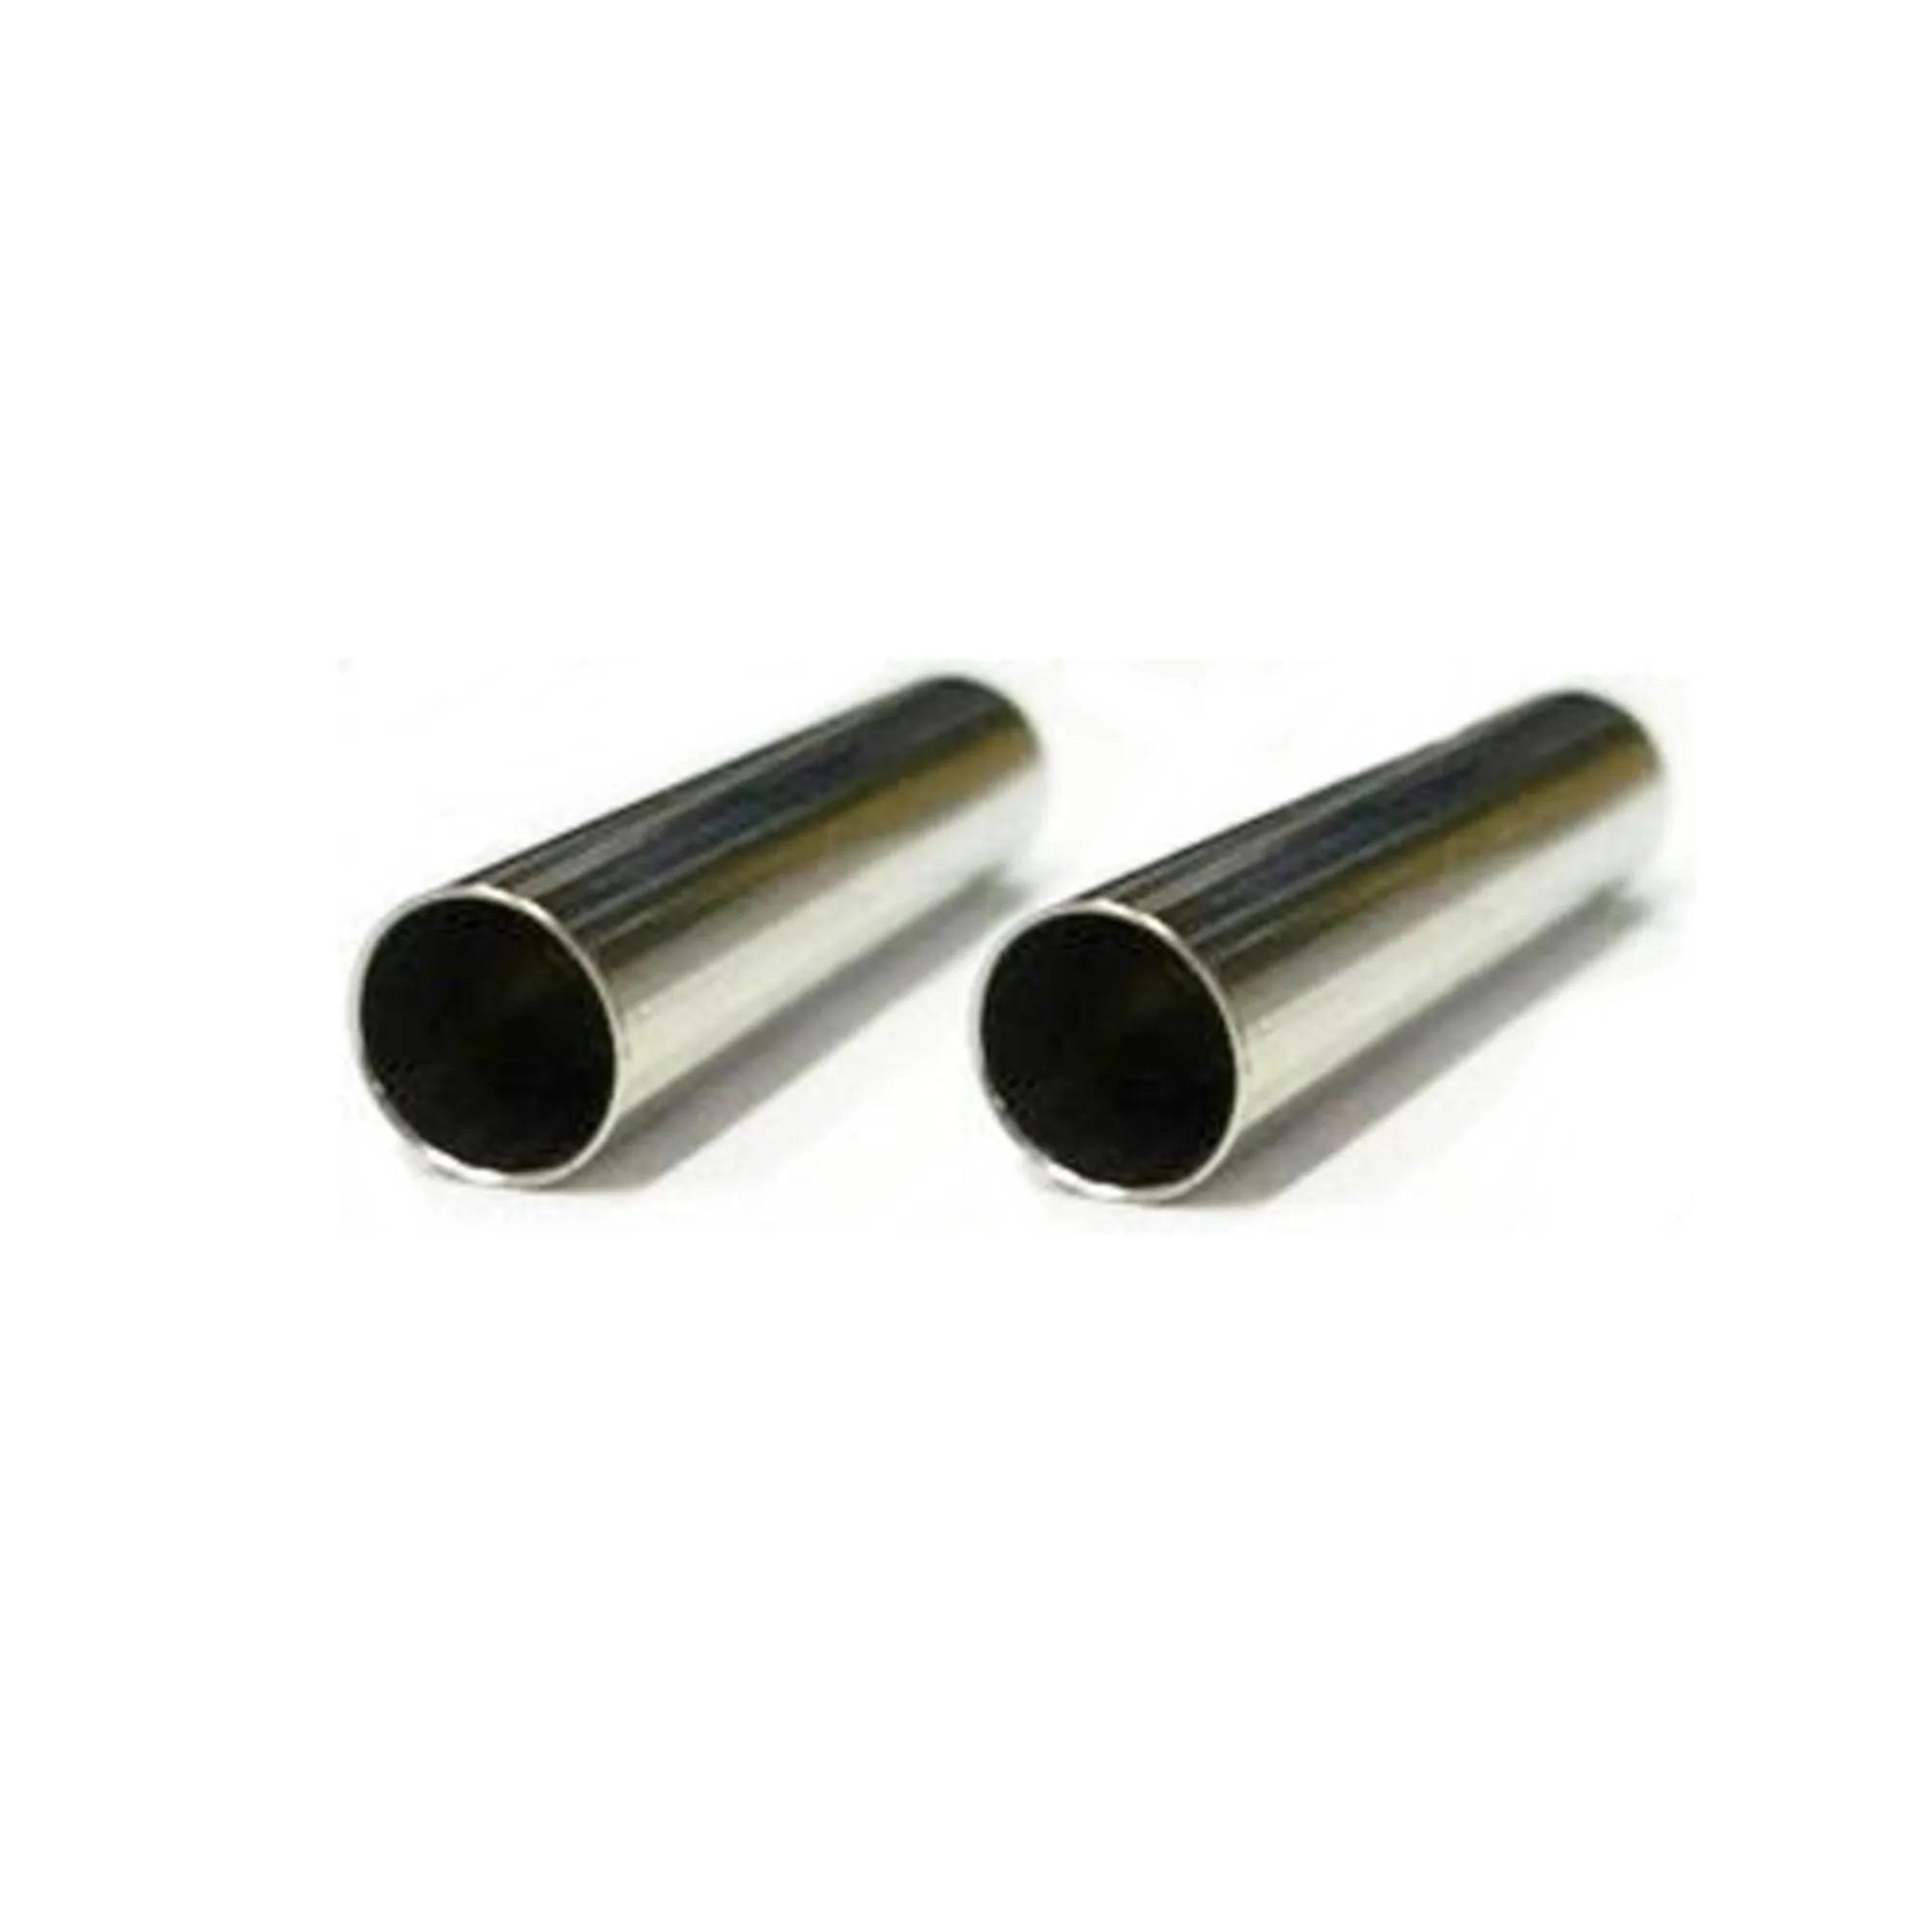 Luva Metal Cabo Aço nº 4 - 100 unidades  - Artpesca